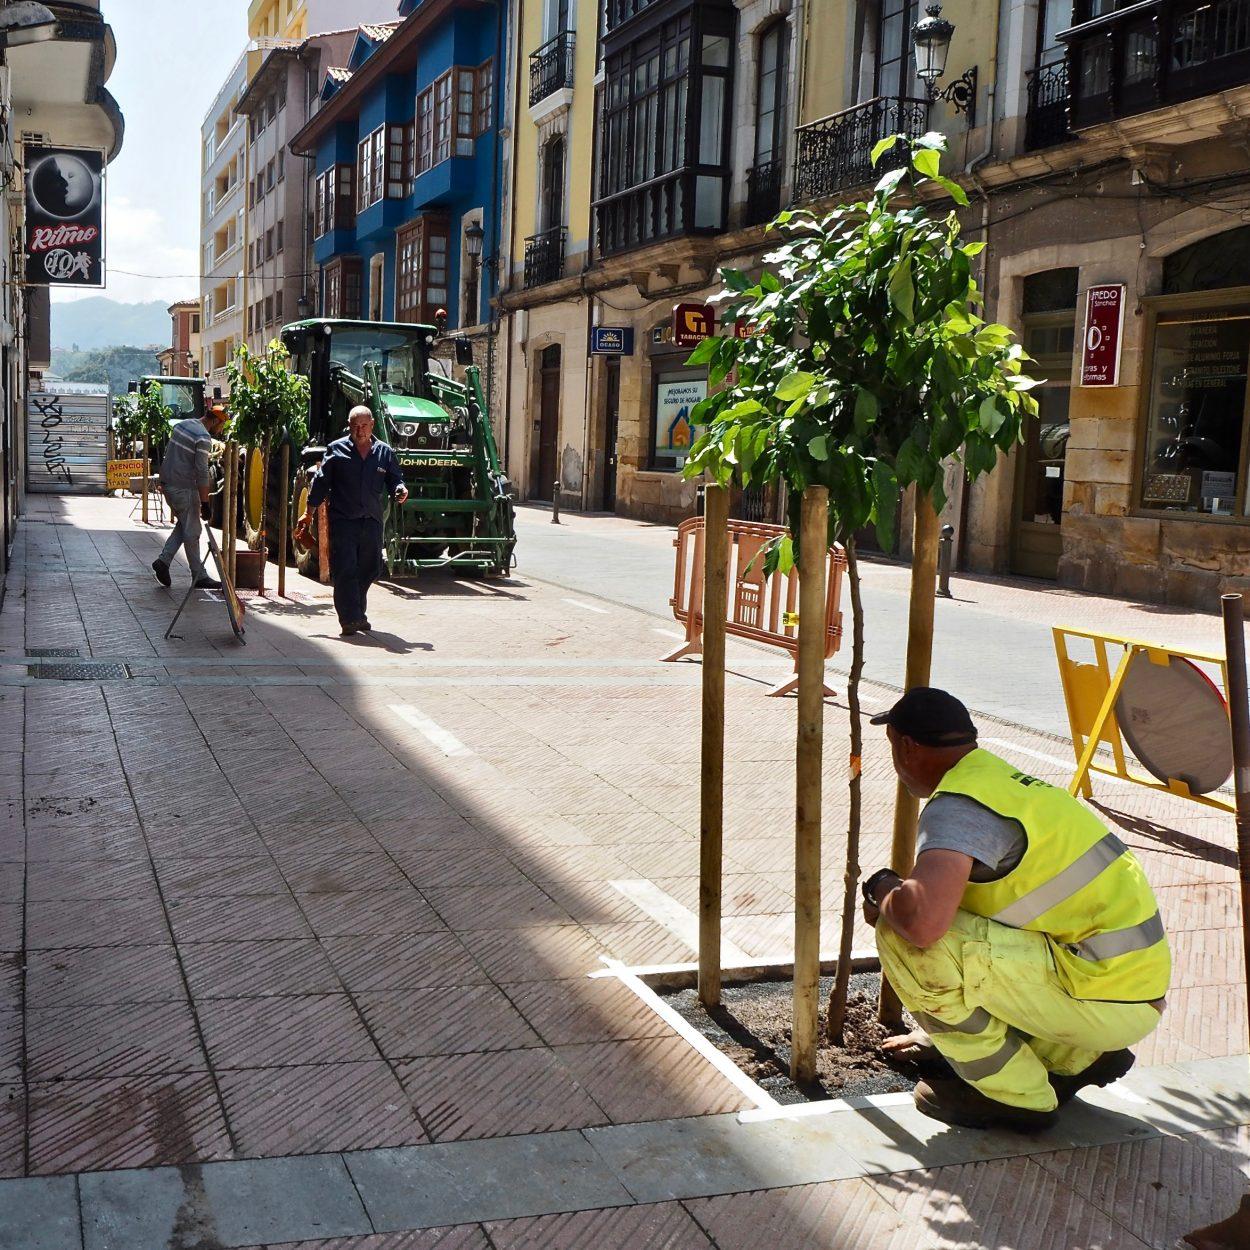 Diez naranjos rejuvenecen la imagen de la calle Comercio de Ribadesella